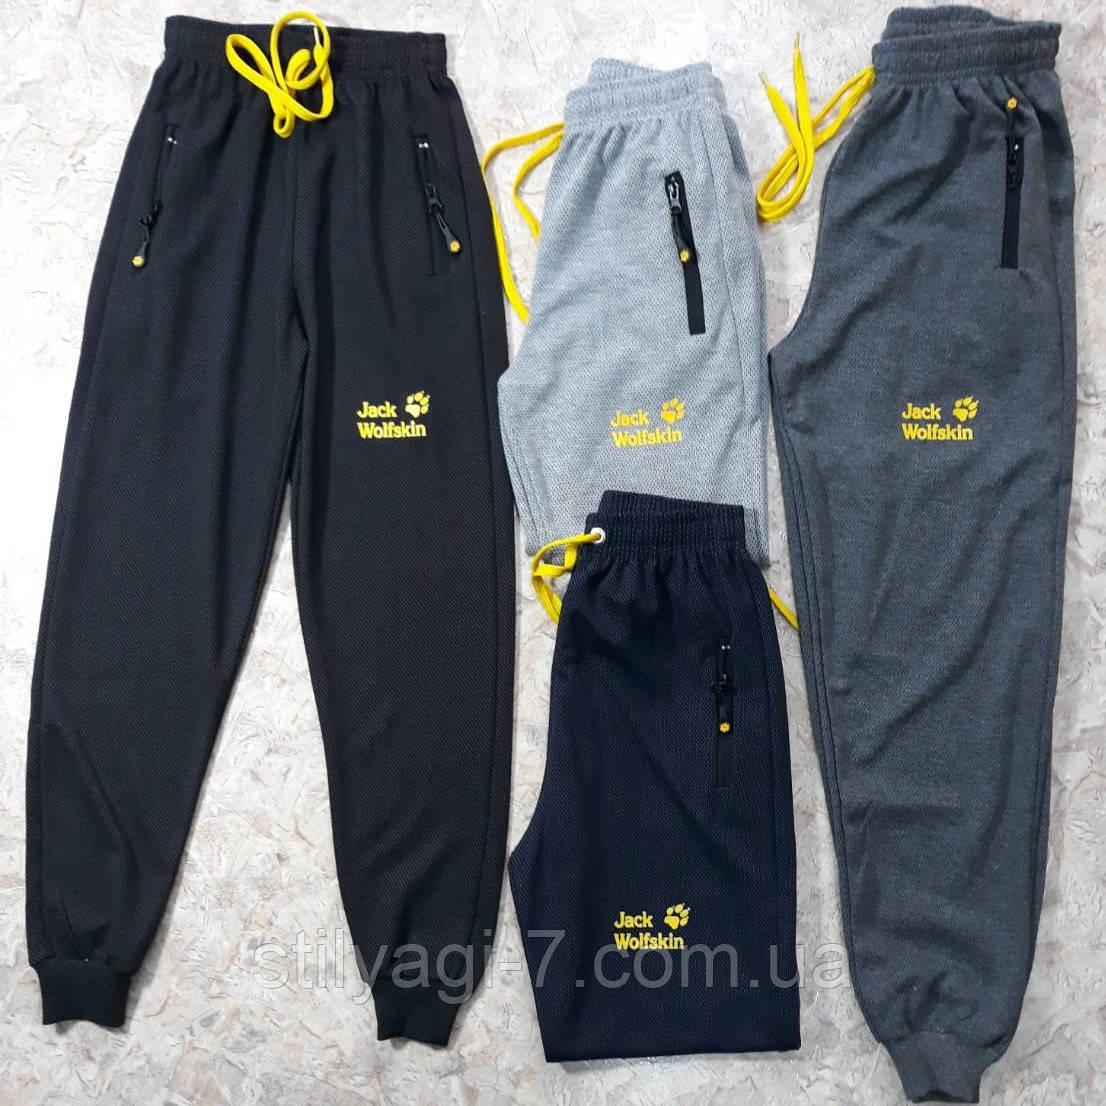 Спортивные штаны для мальчика на 13-16 лет цвета черного, серого, синего цвета манжете с надписью оптом